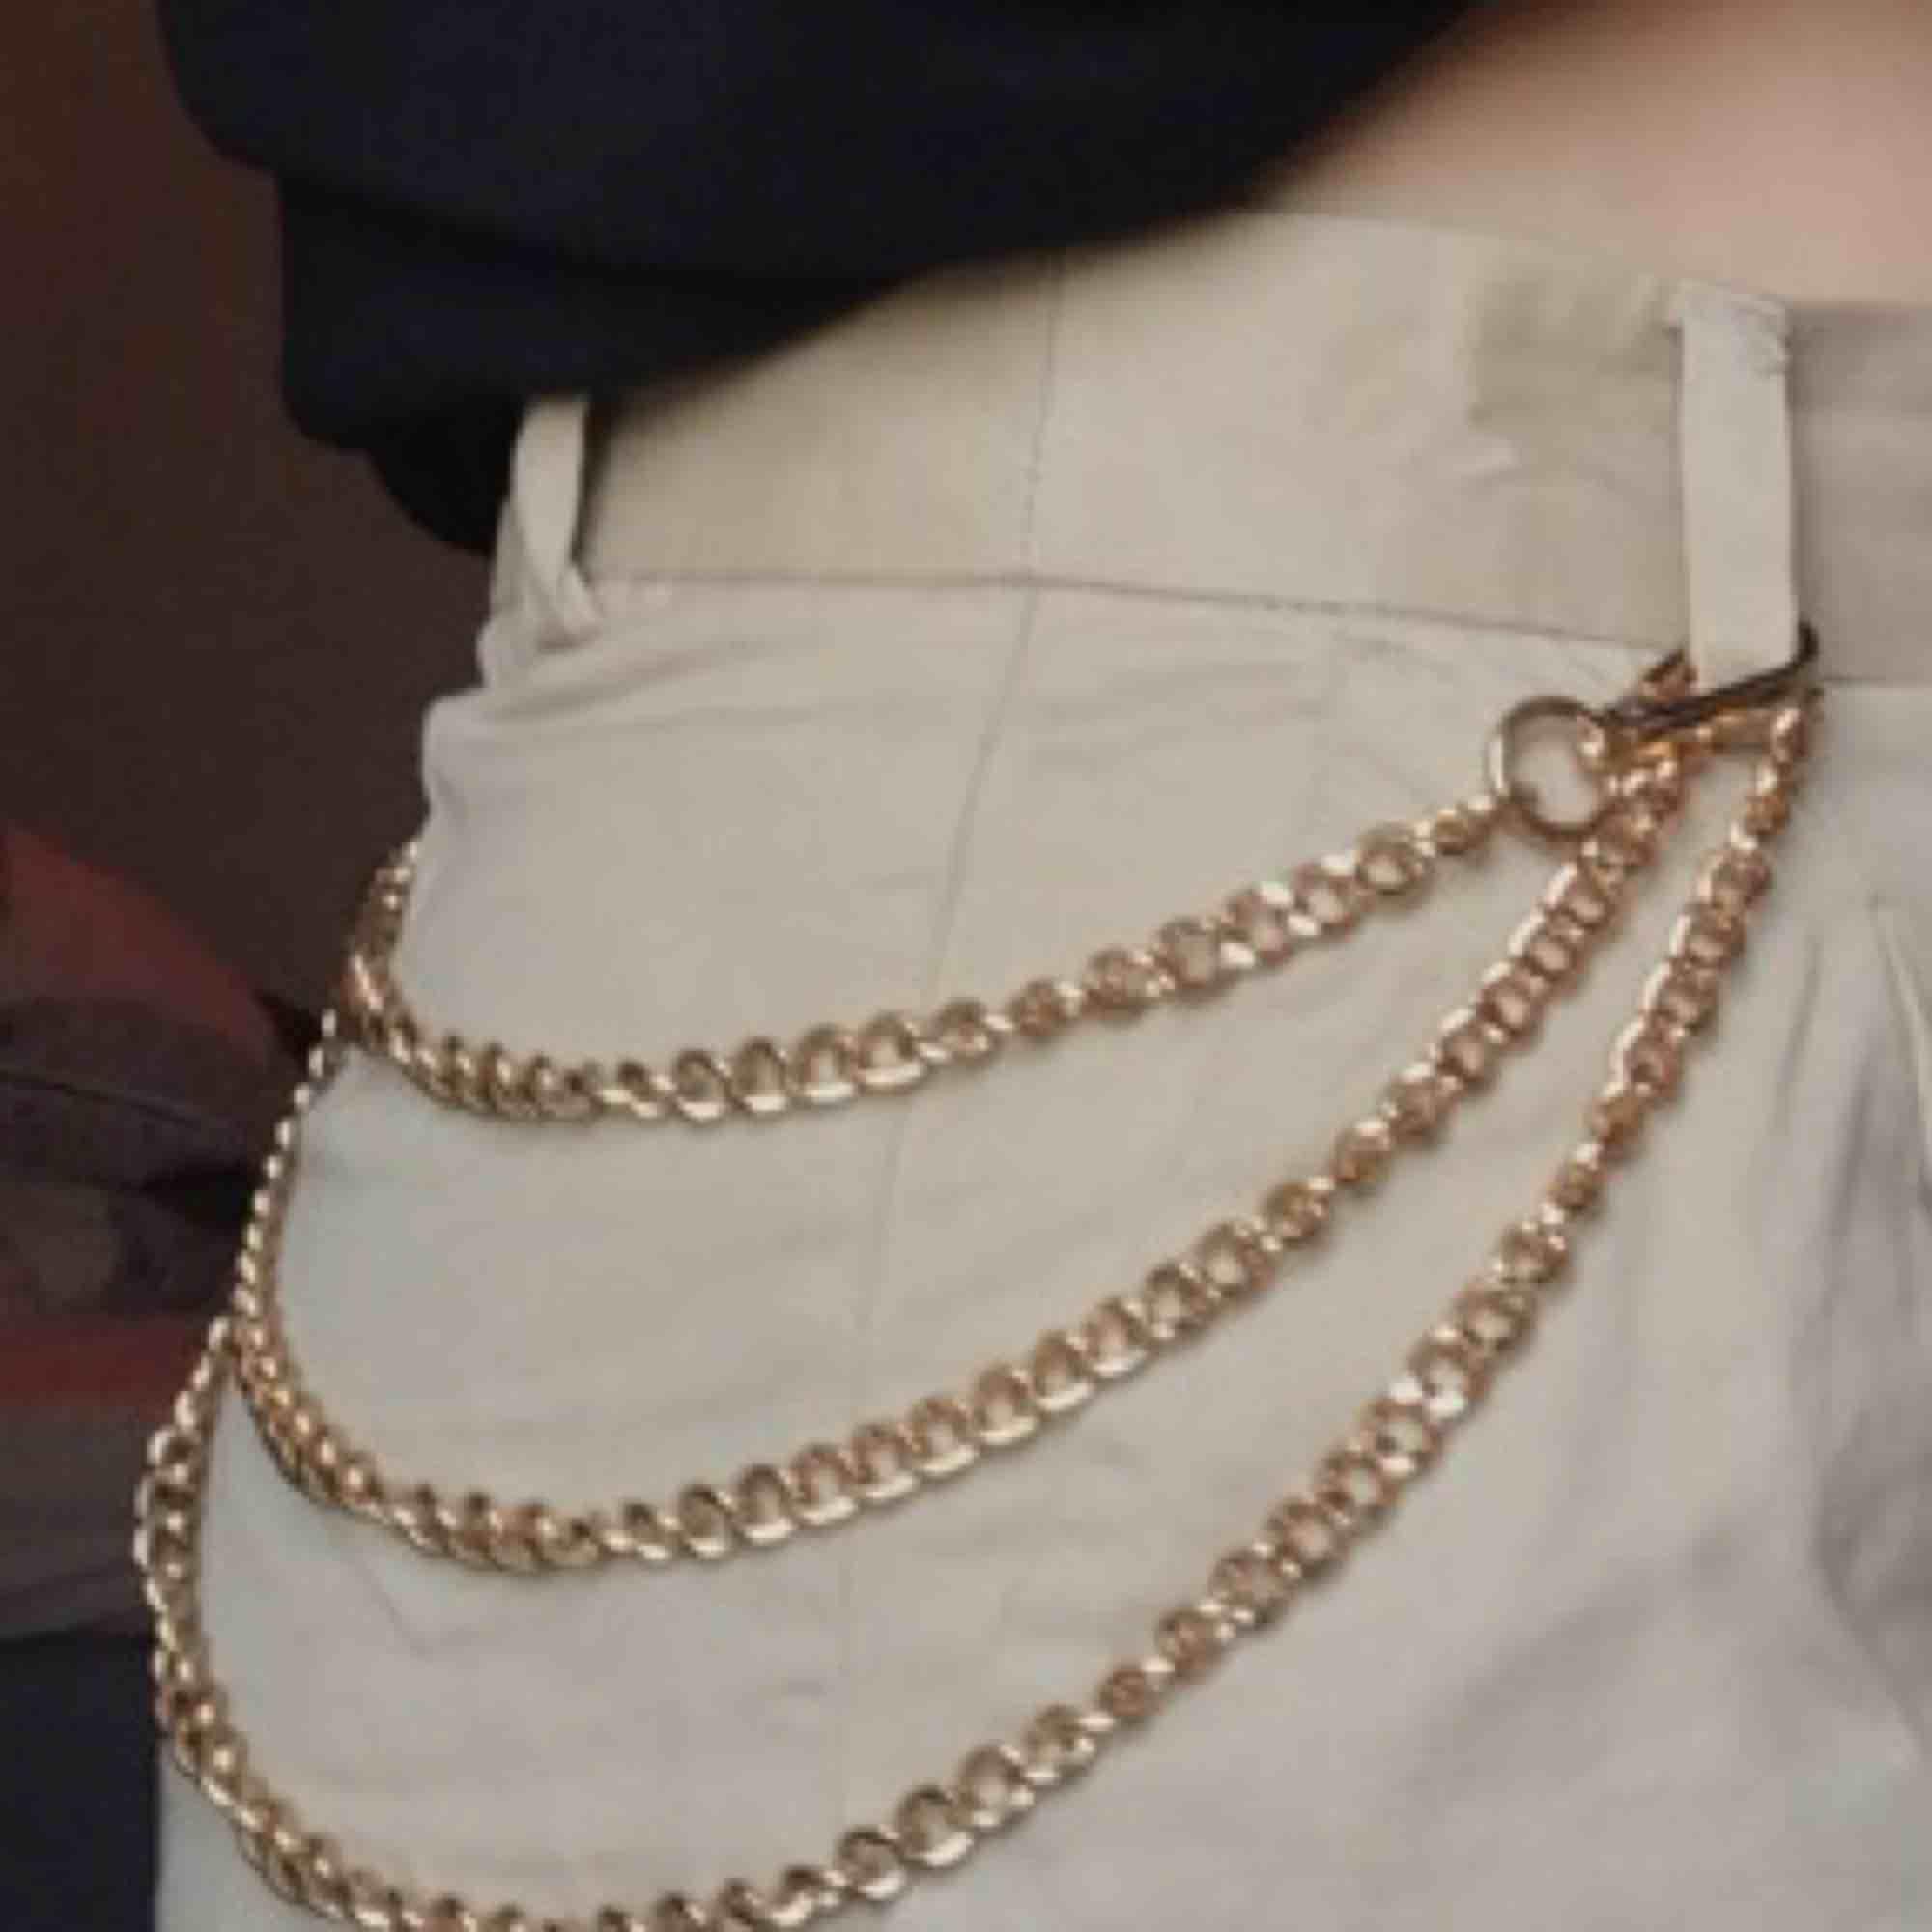 asball kedja, köpt secondhand !! snygg att ha på byxorna eller som ett vanligt halsband, den är 120 cm lång, alltså ganska lång, aldrig använd⛓😮. Accessoarer.